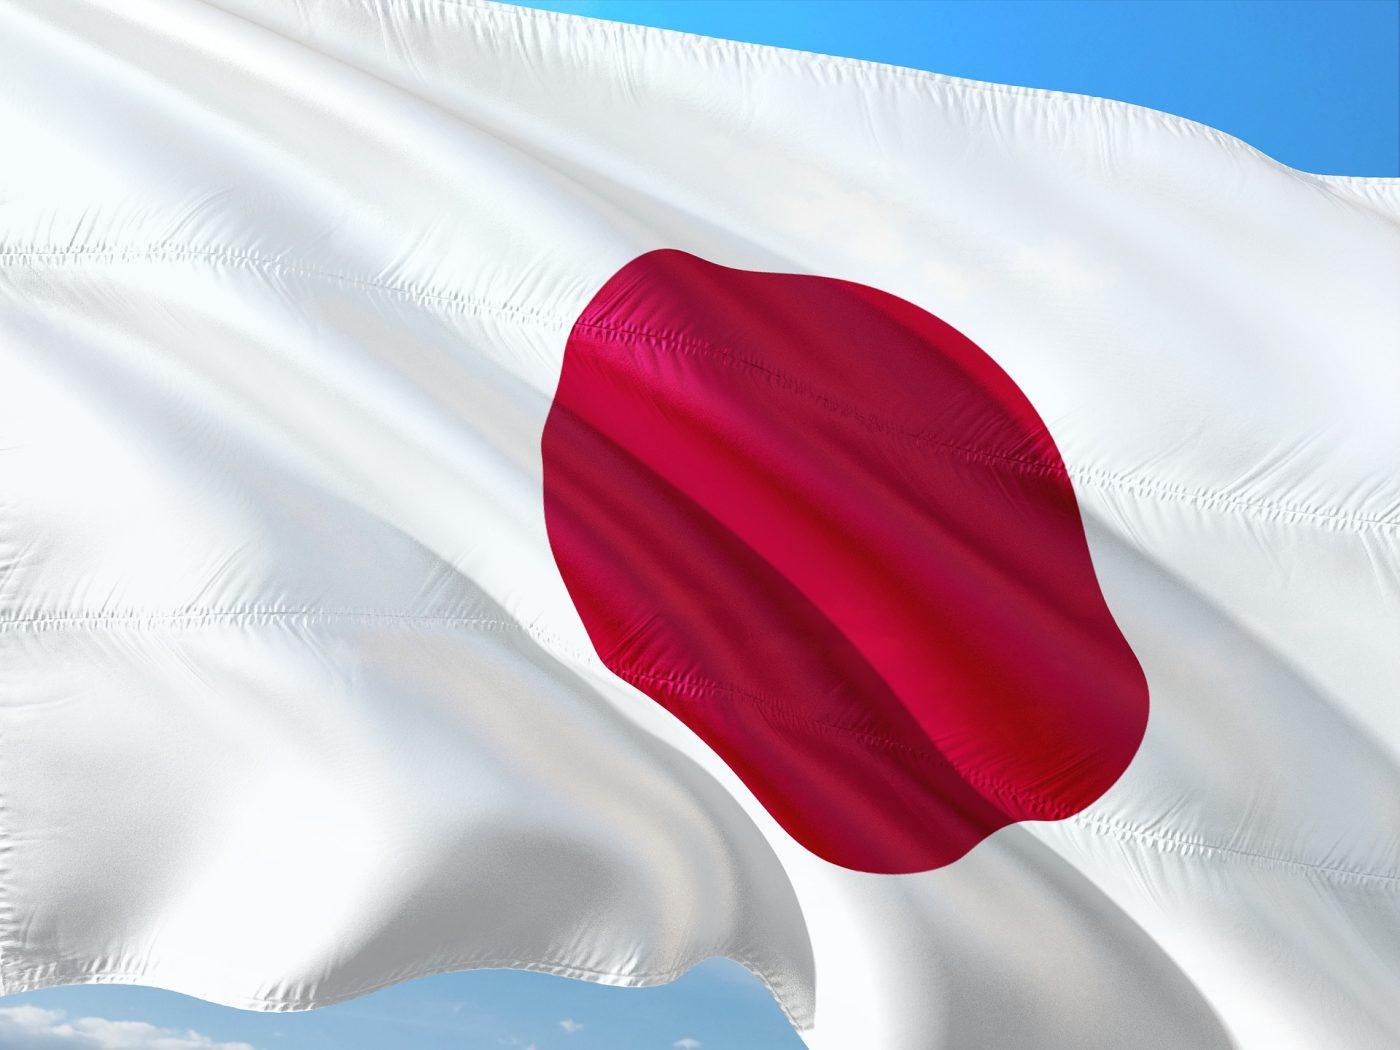 GoogleがM&Aした日本企業2社について見ていく。